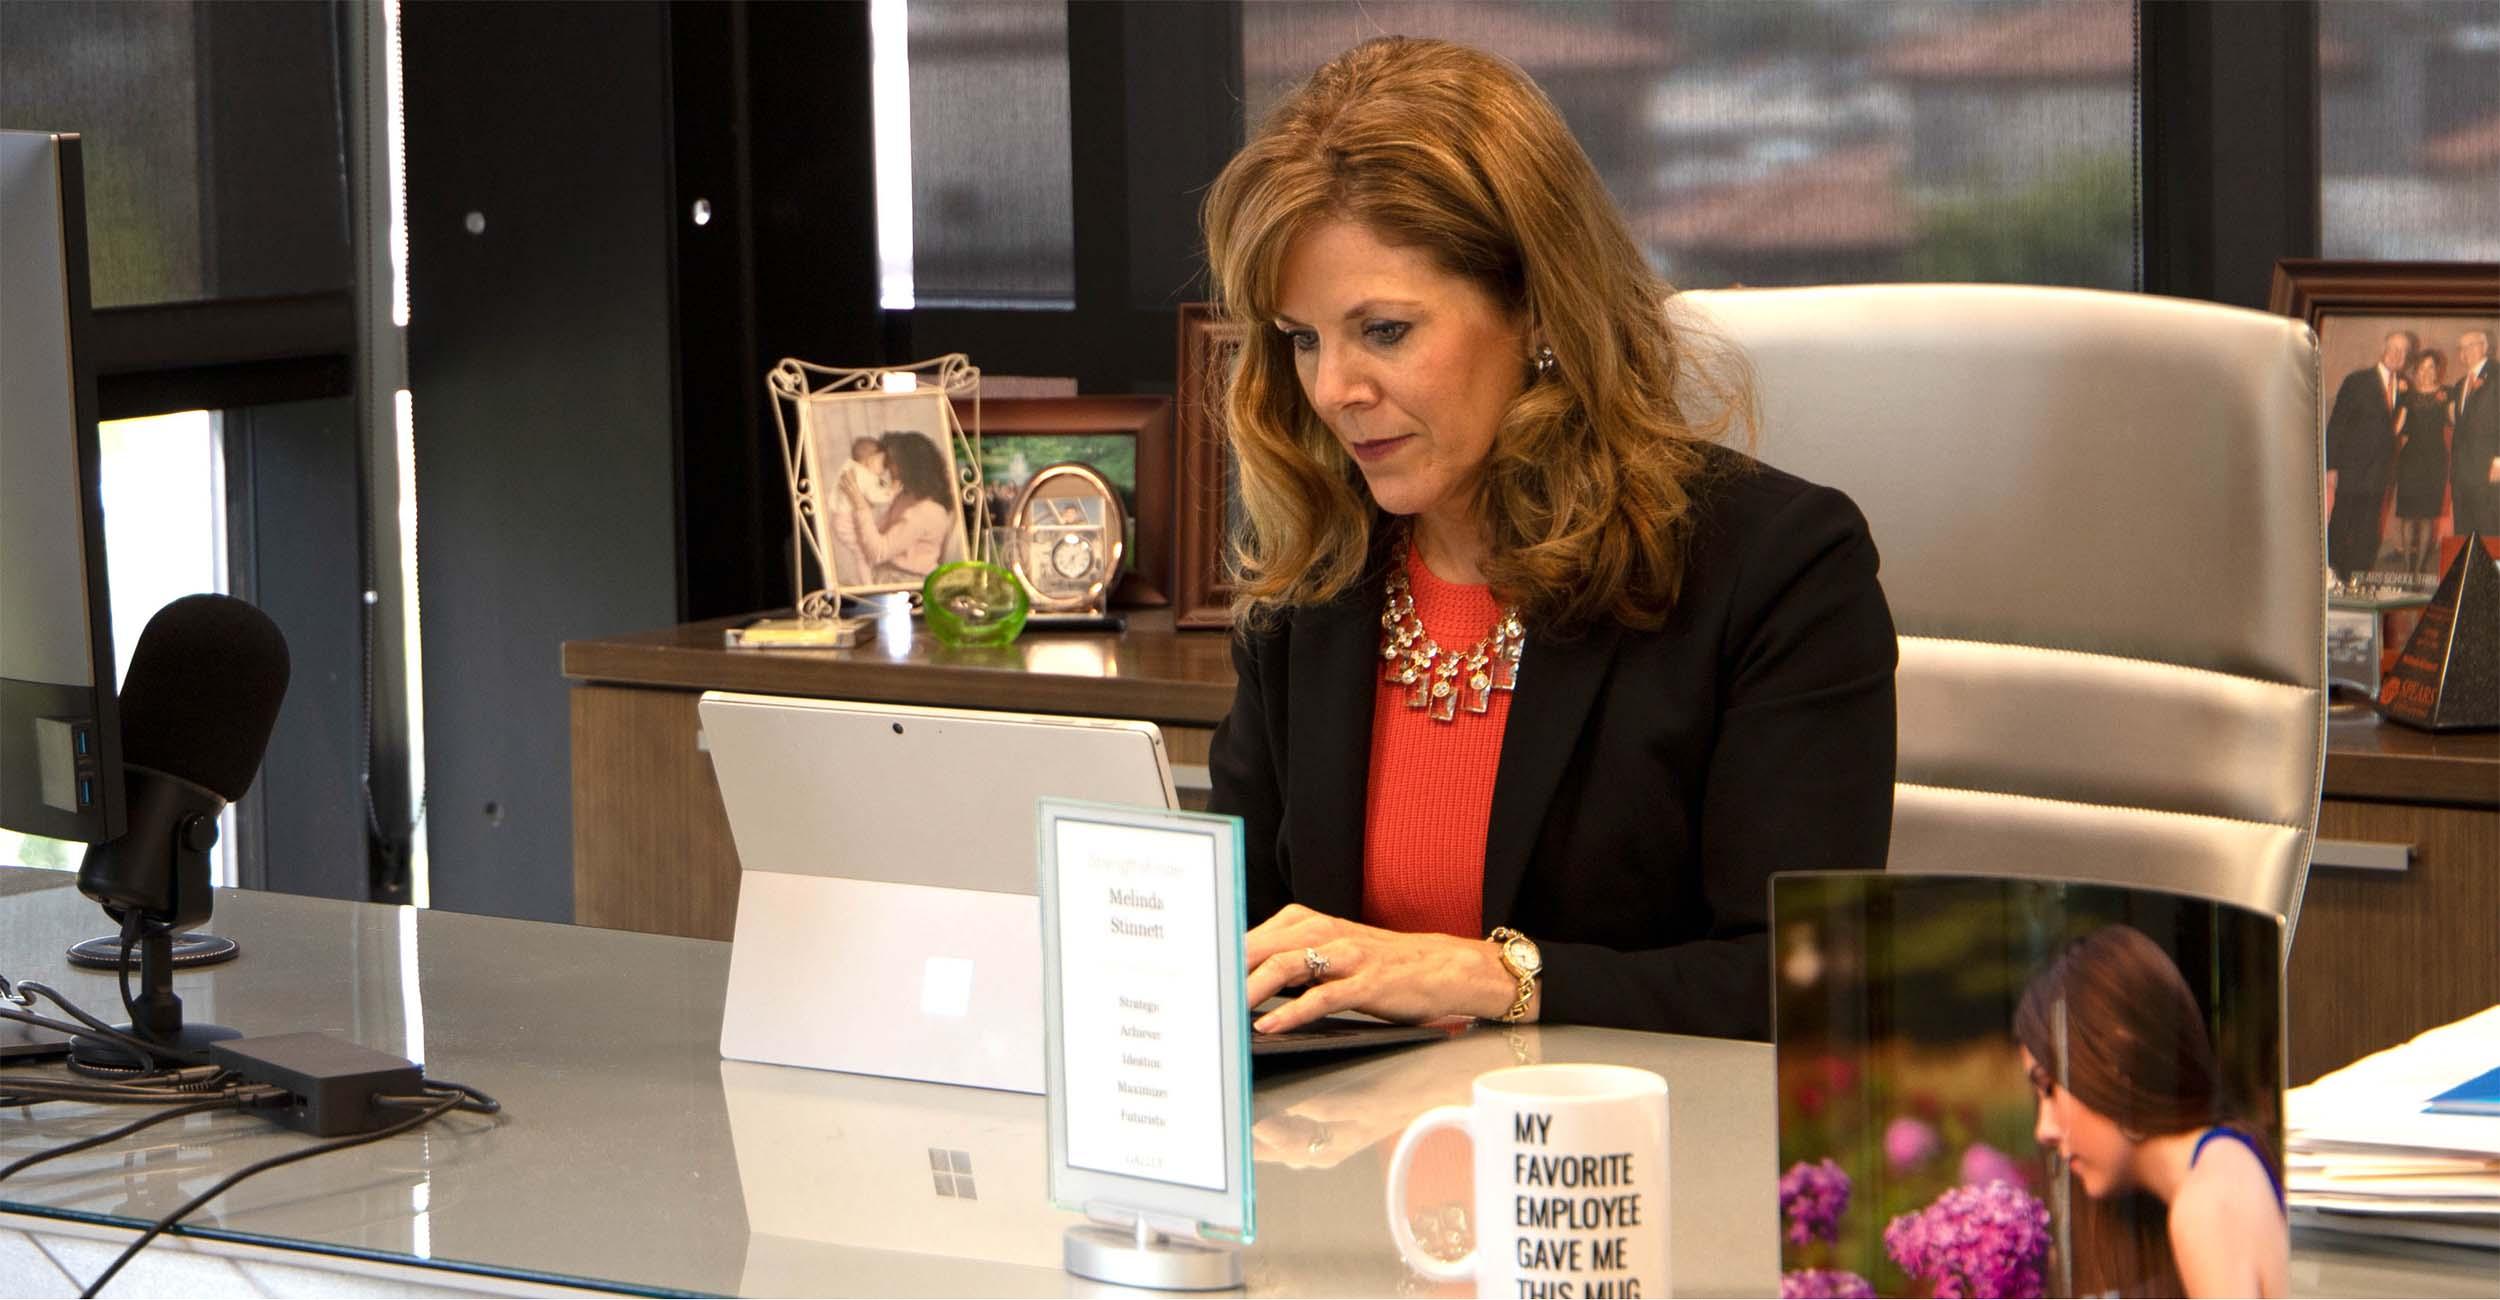 Melinda Stinnett working in the Stinnett and Associates headquarters.